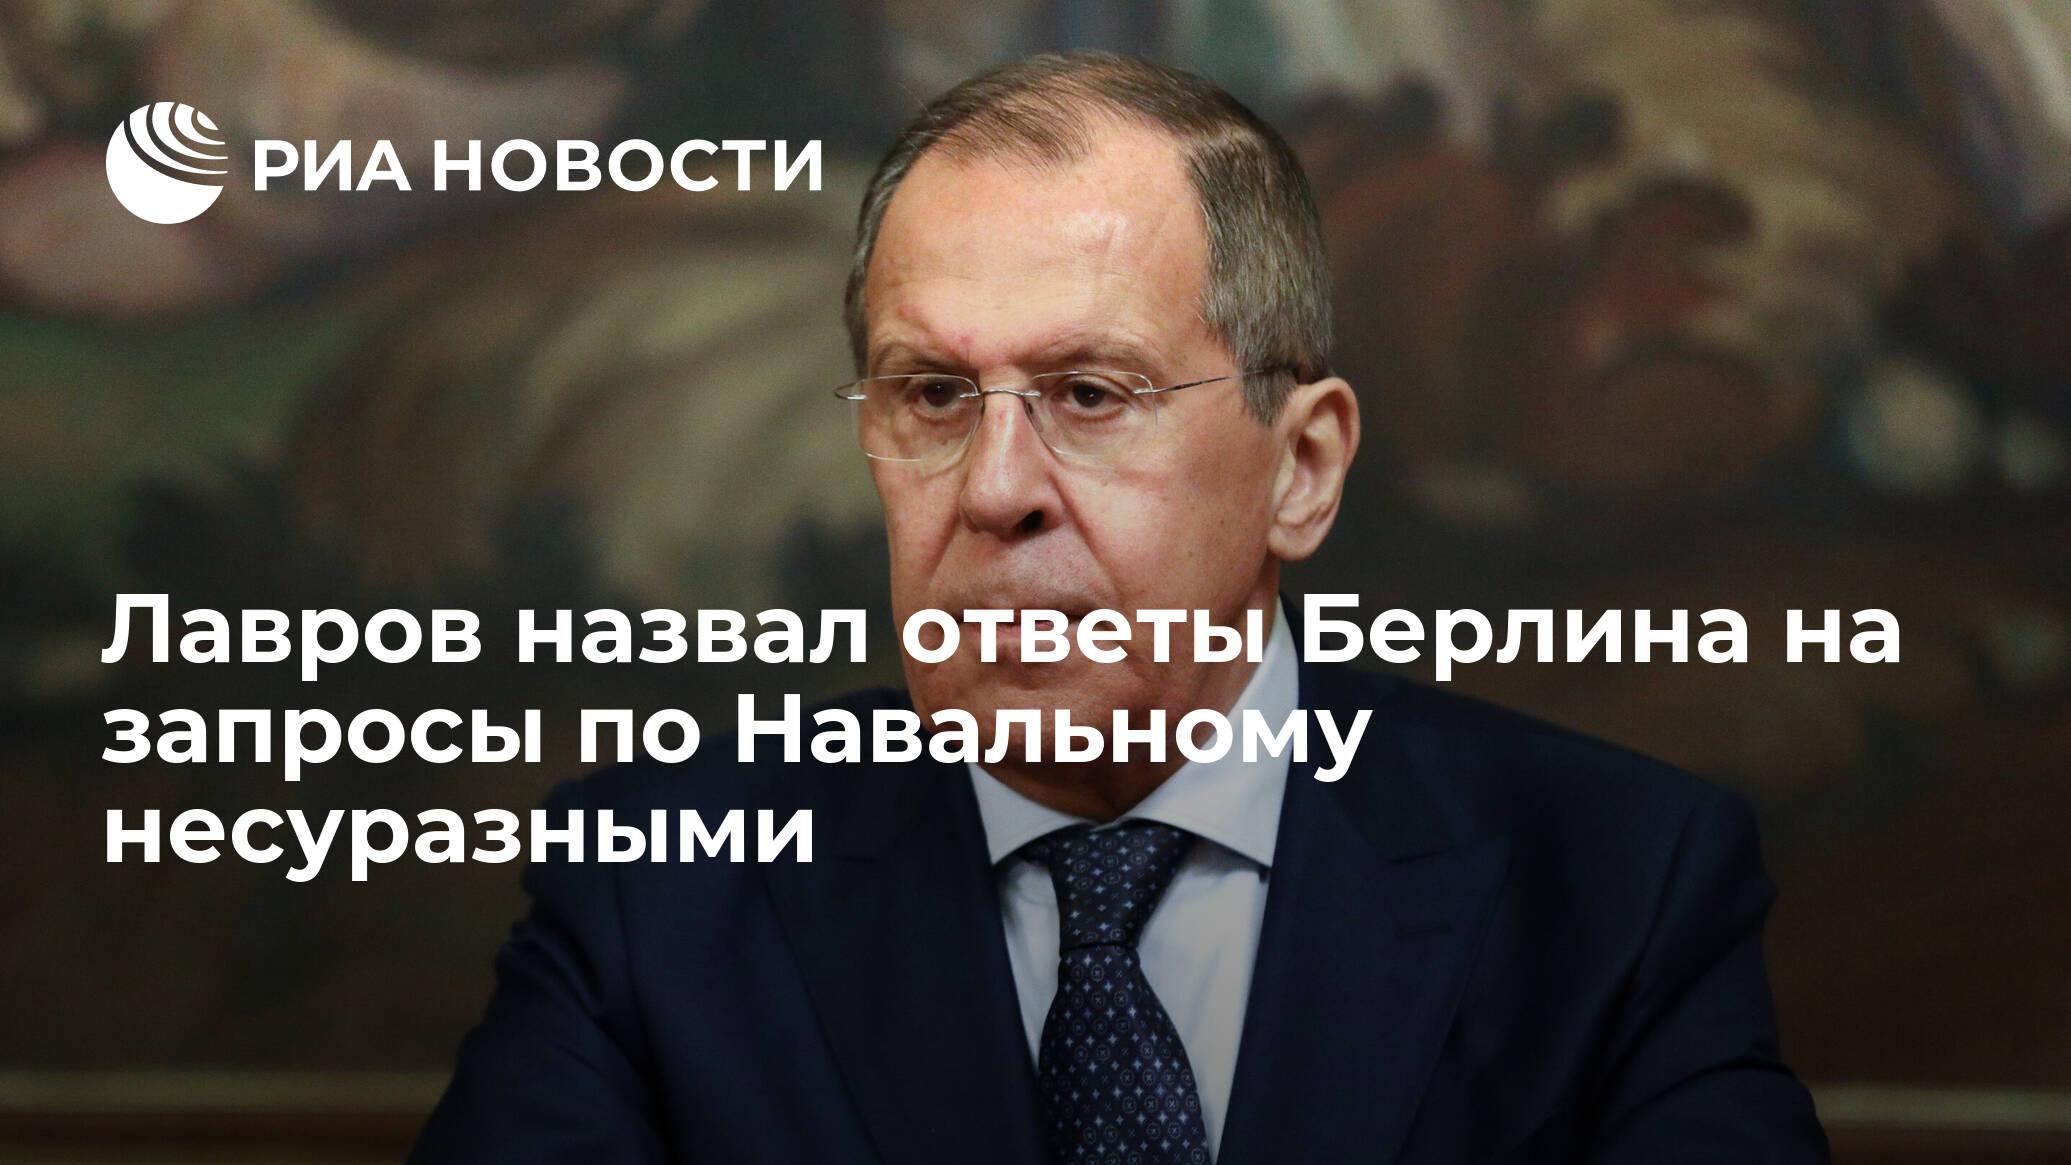 Лавров назвал ответы Берлина на запросы по Навальному несуразными